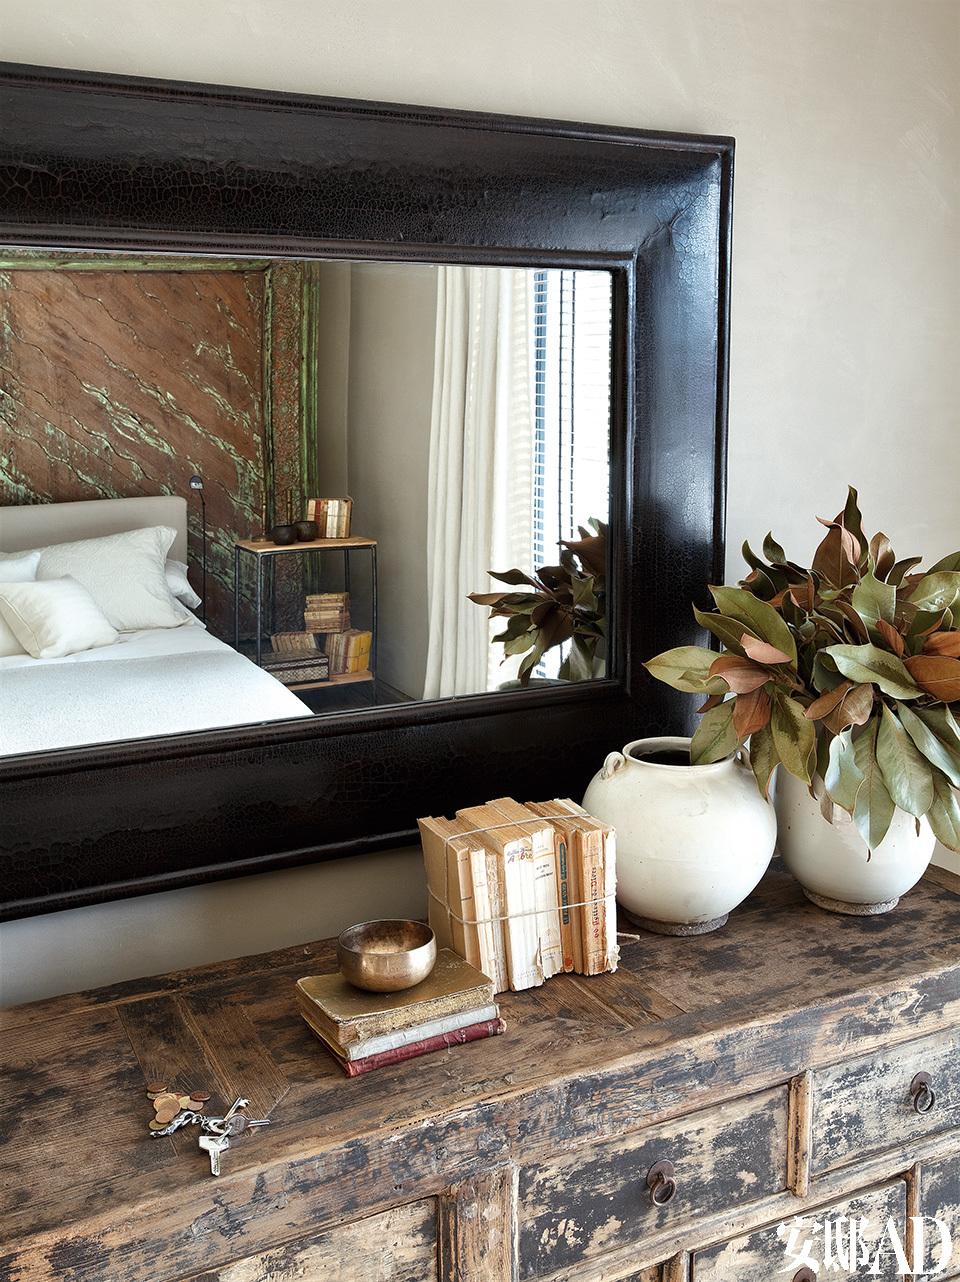 主卧室里搭配了中式黑色漆框镜和中式白陶罐。